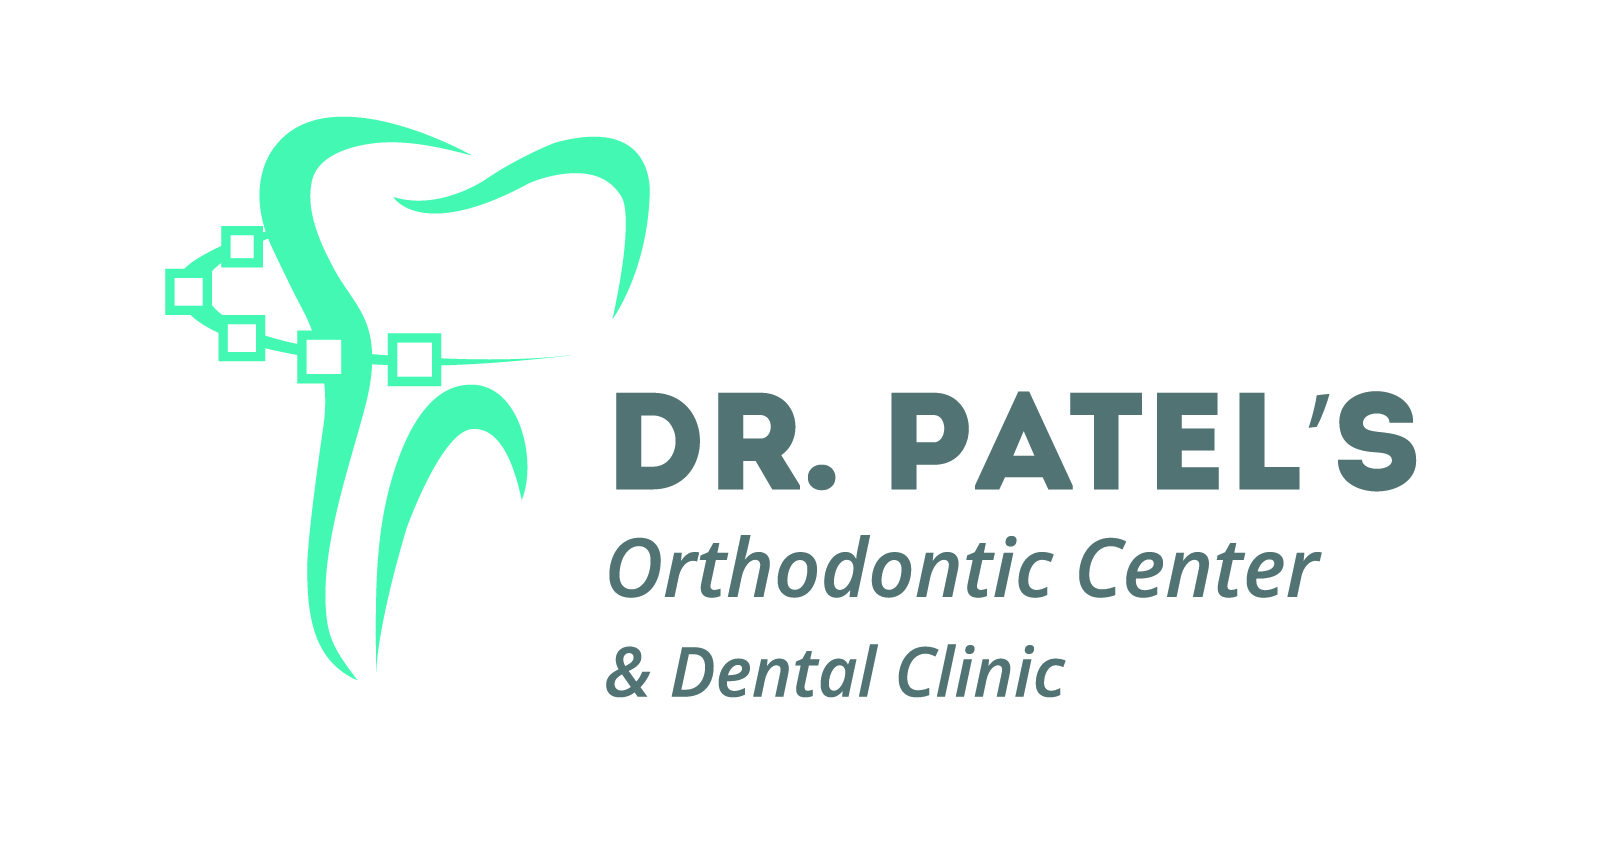 Dr Patel Orthodontic Center & Dental Clinic